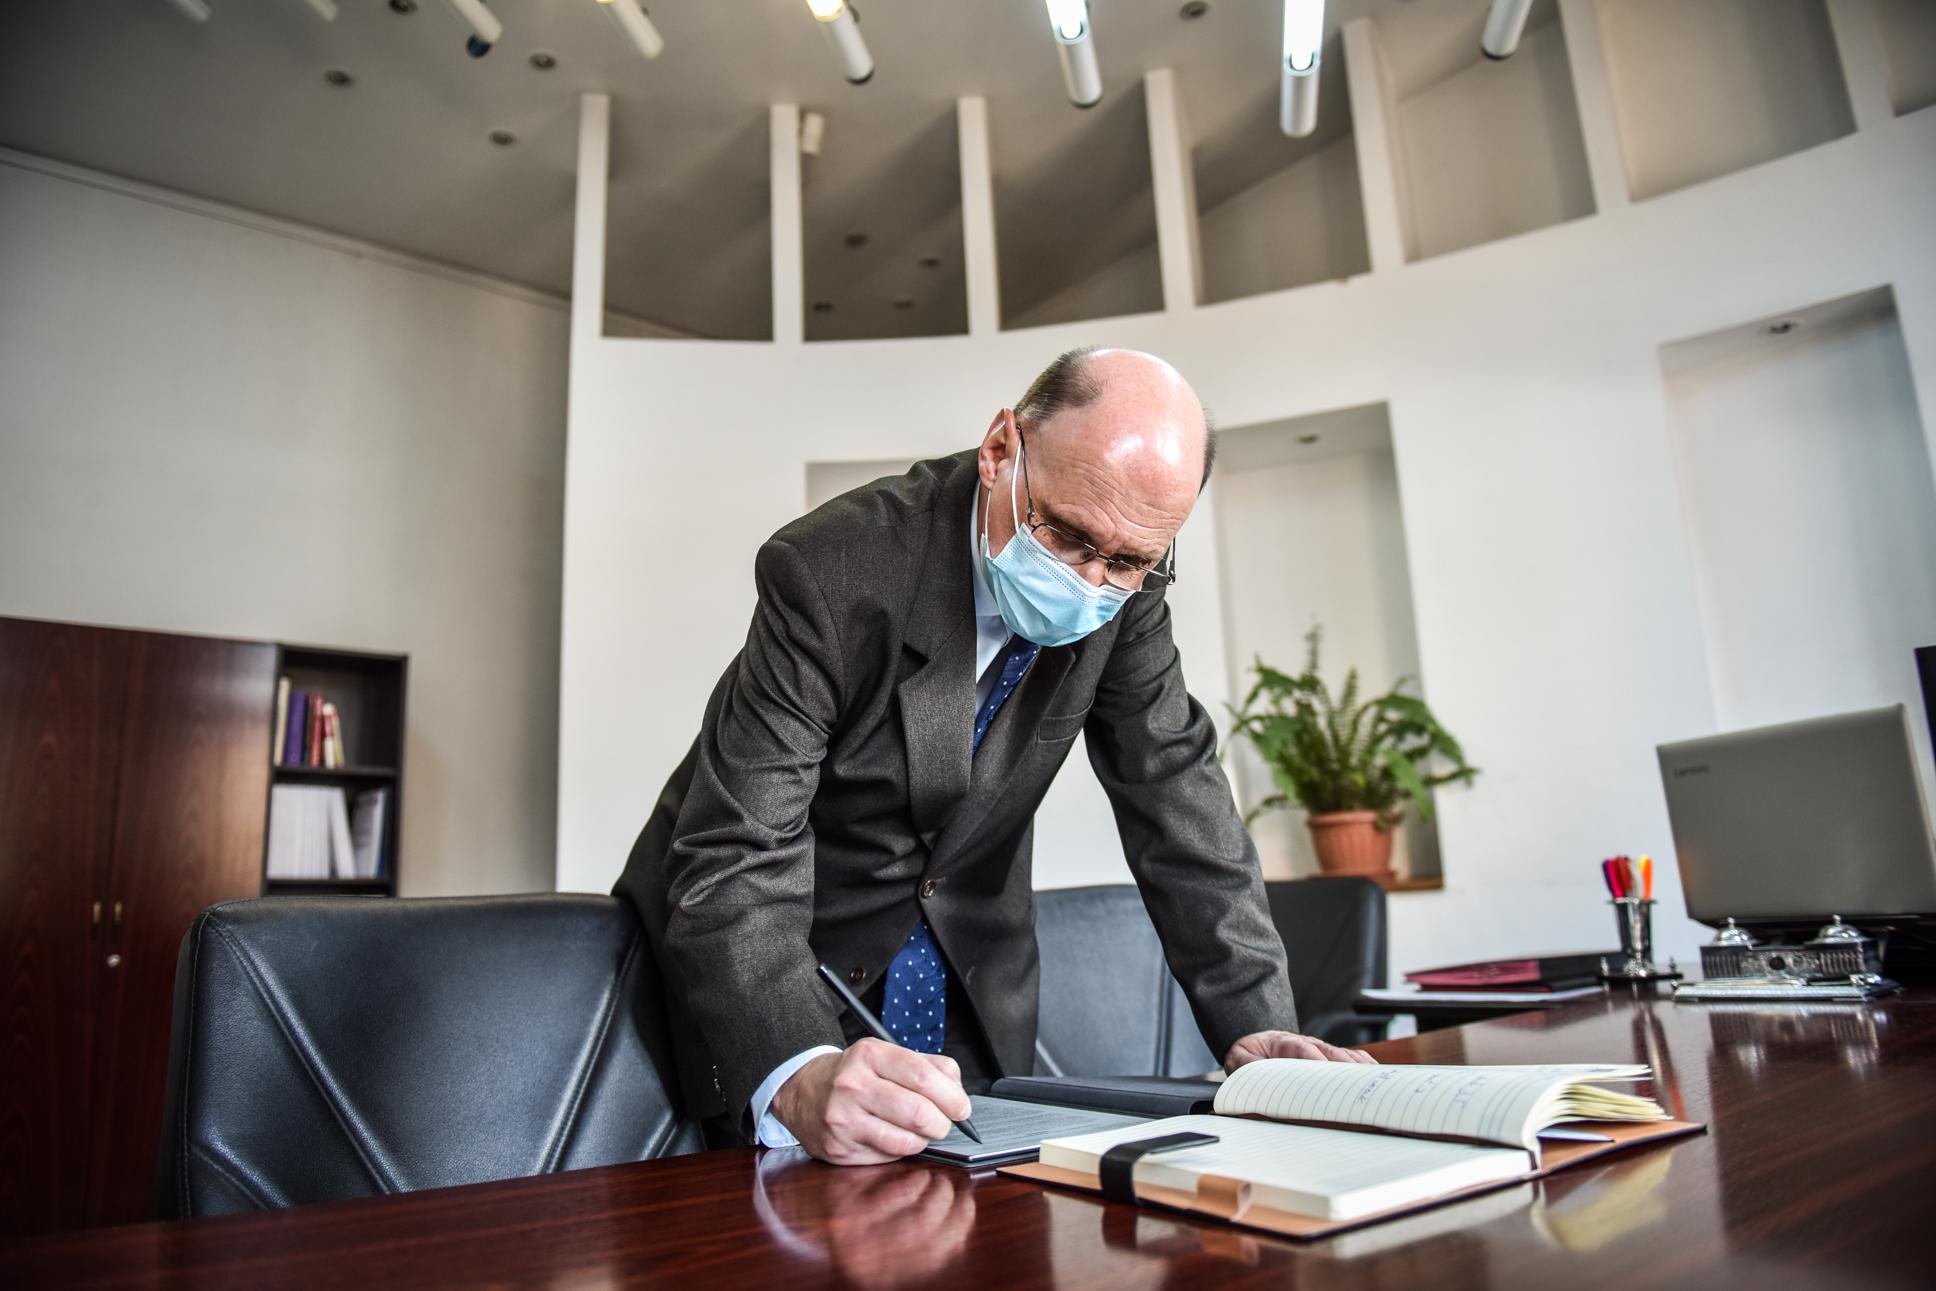 Subprefectul USR PLUS, Laurențiu Theodoru: Nu ne dăm demisia. Suntem în coaliție, în cadrul programului de guvernare